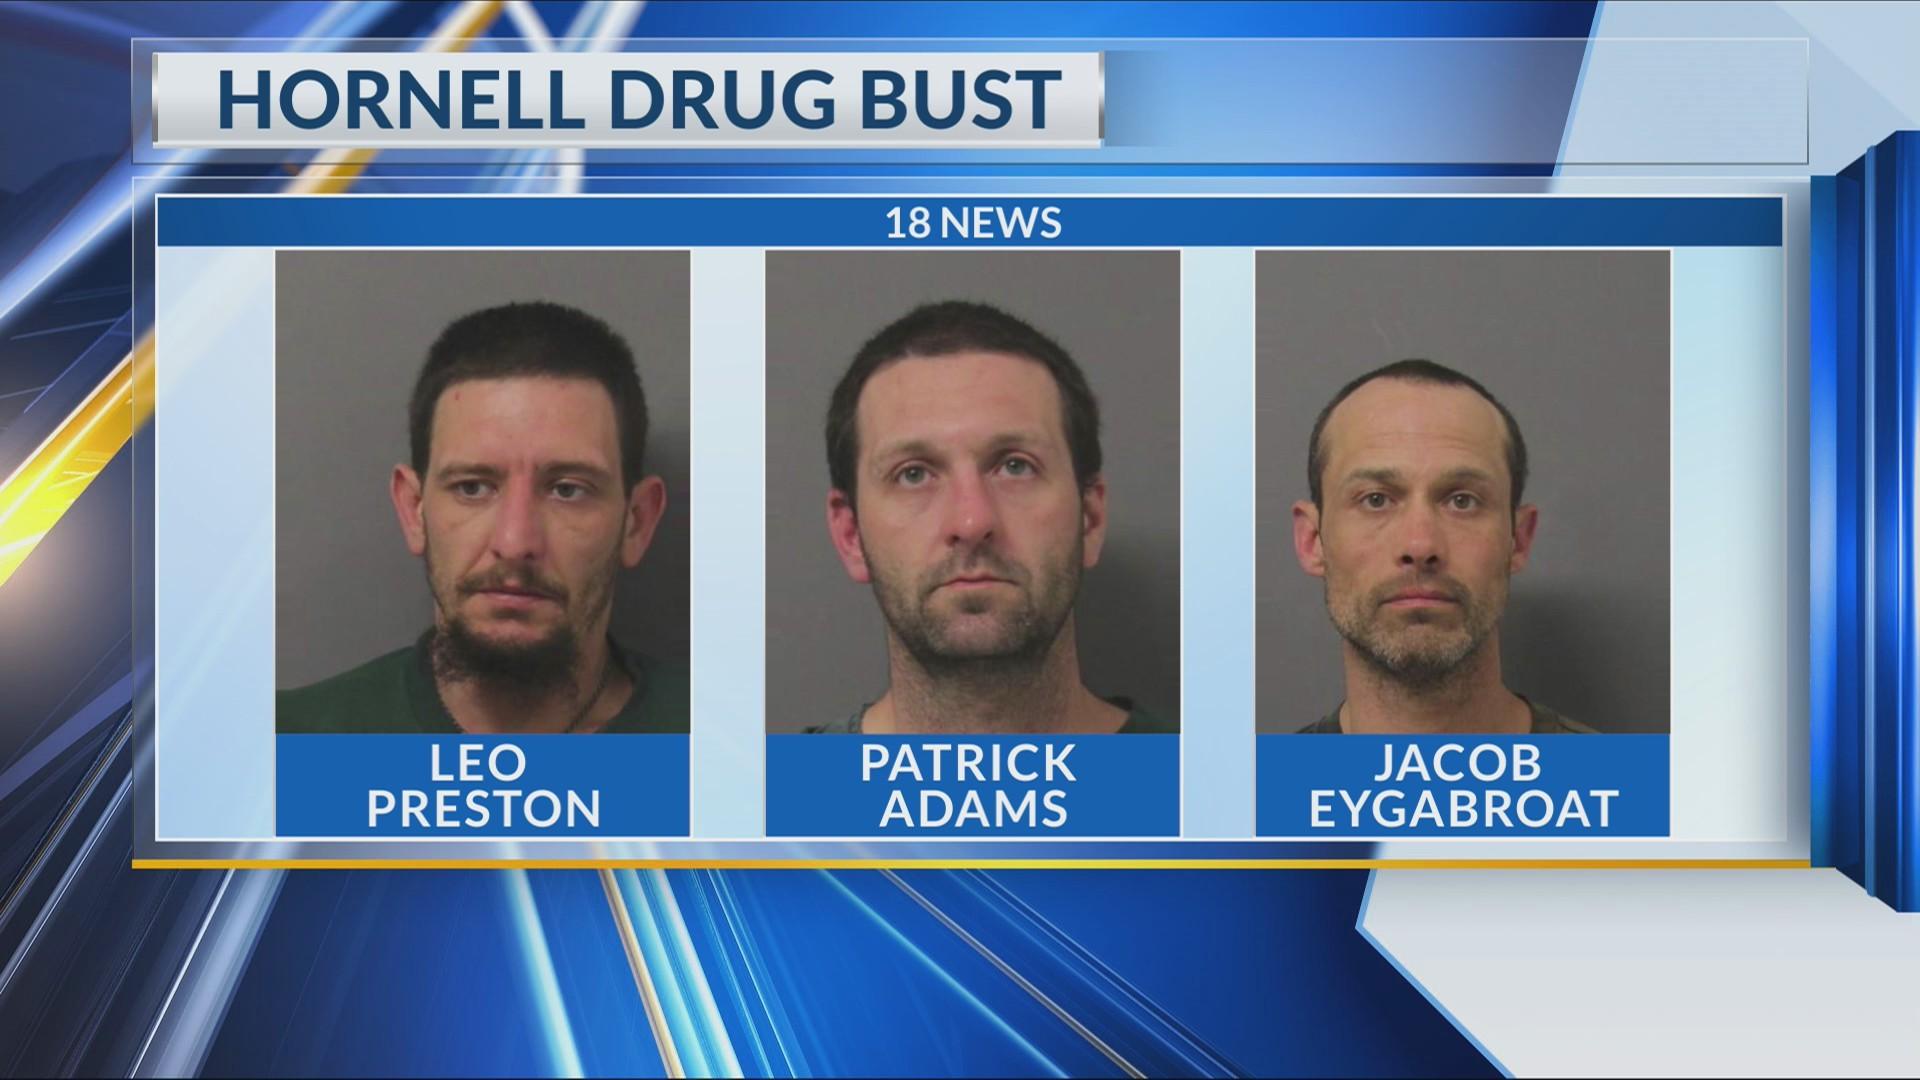 Hornell Drug Bust